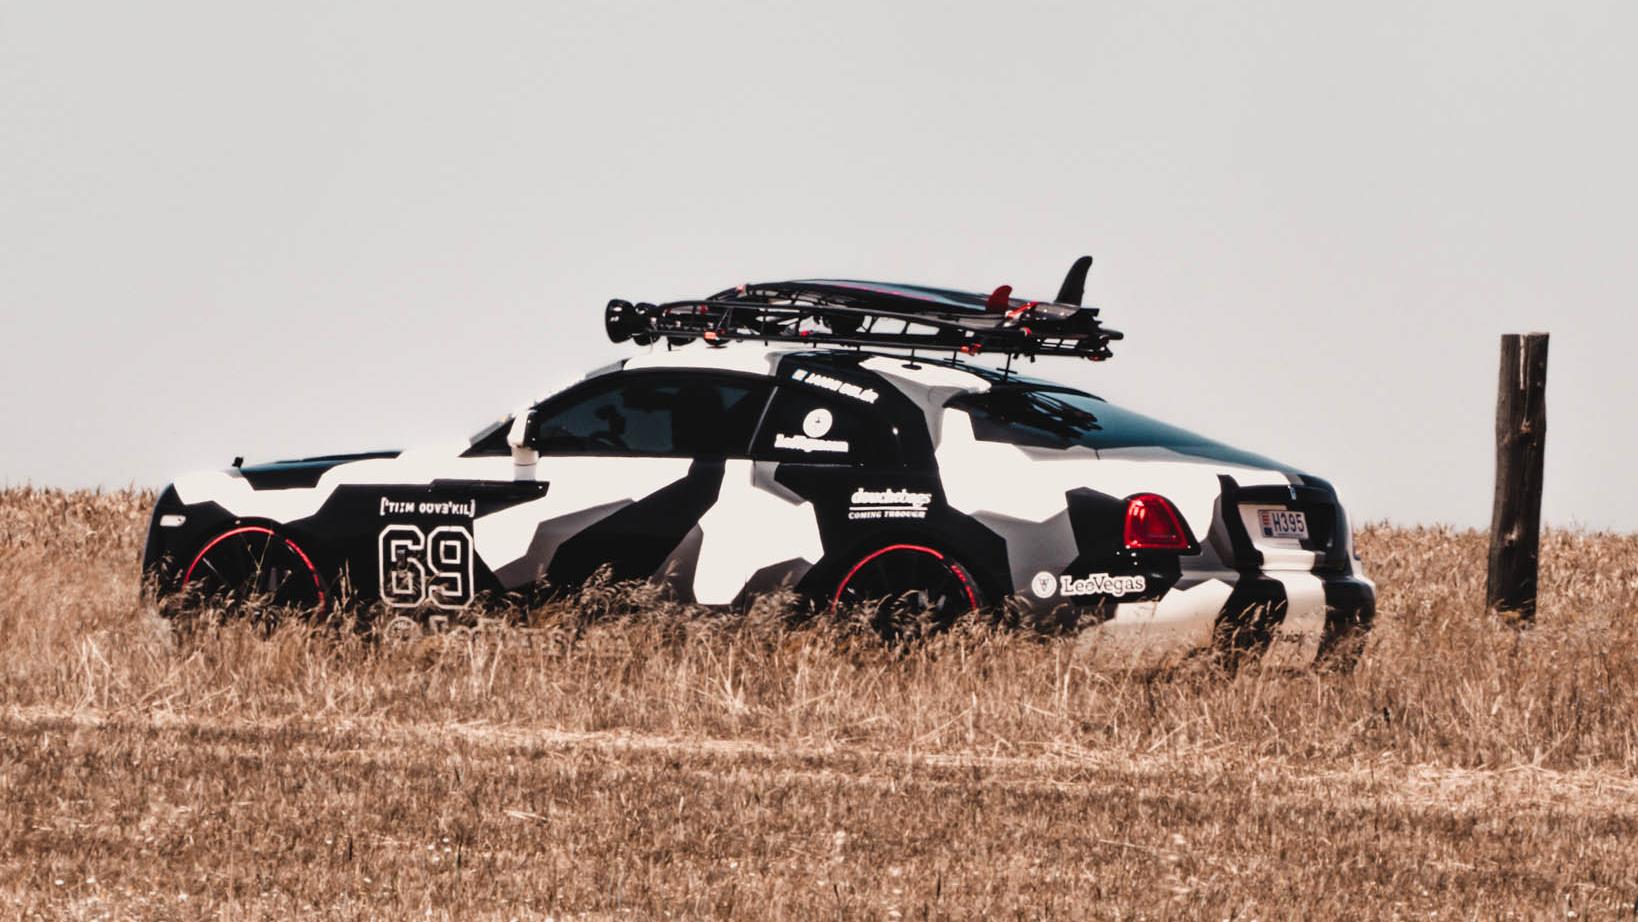 Rolls Royce Wraith custom build side